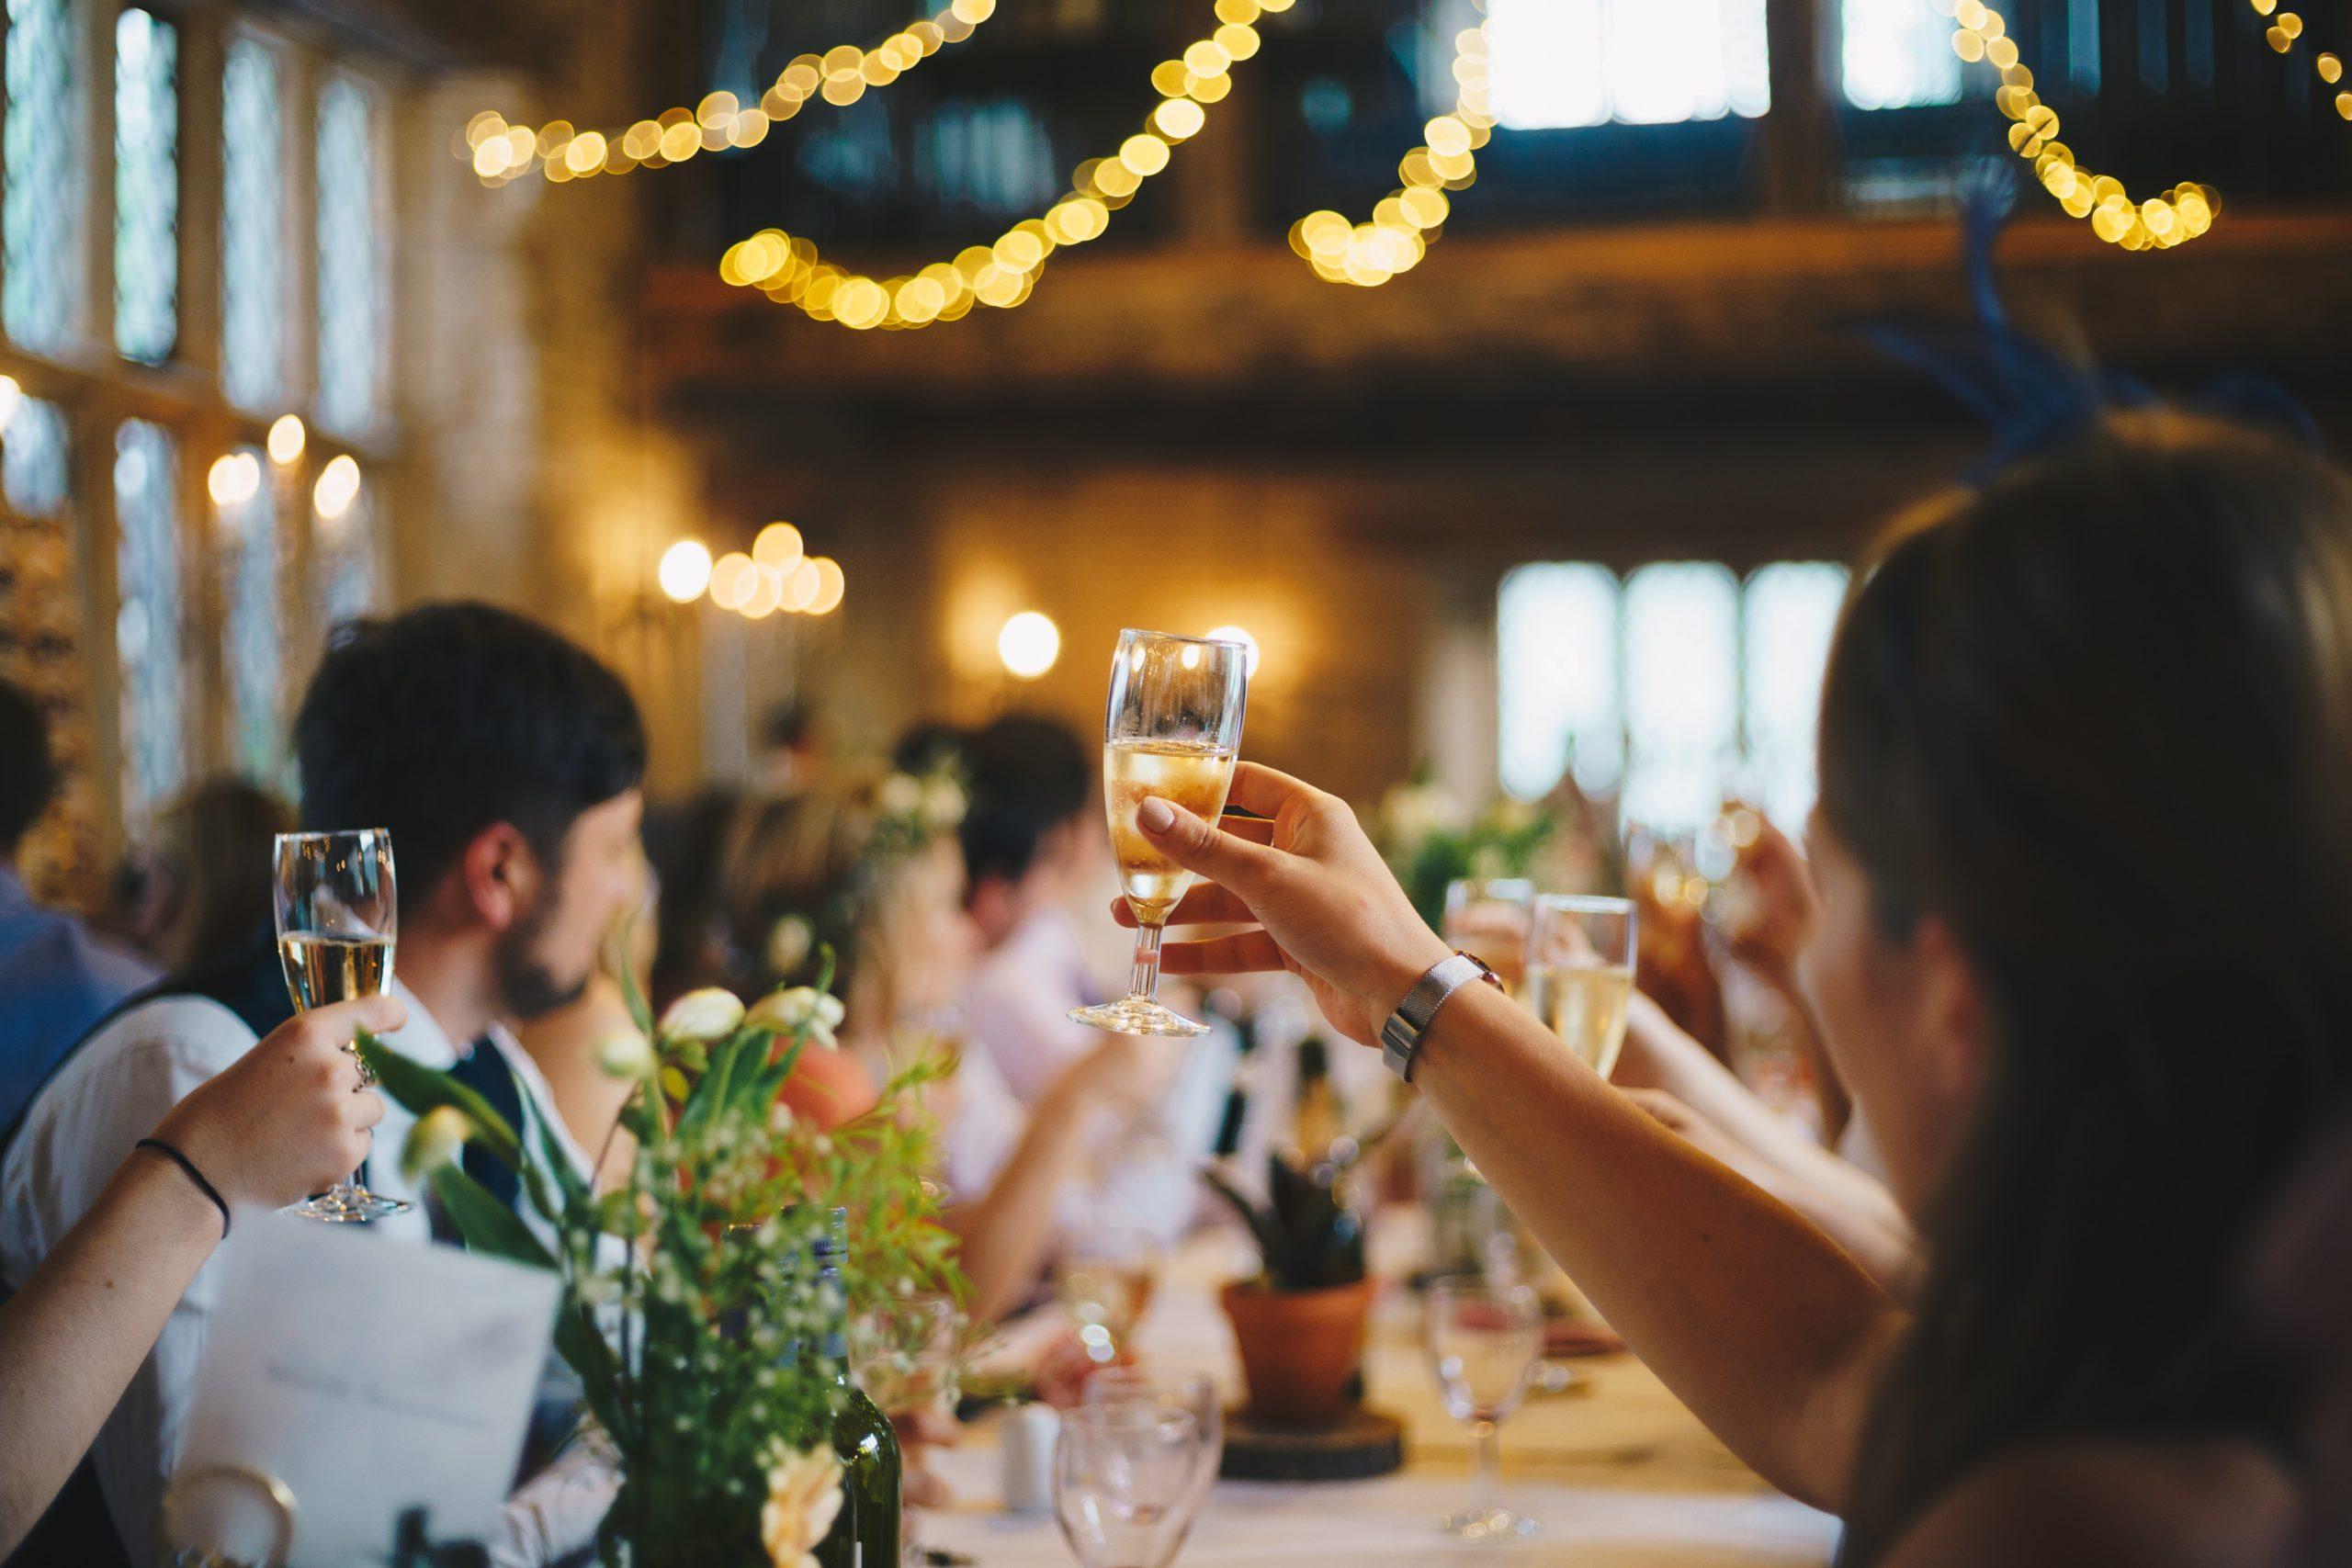 Leute feiern und heben Gläser